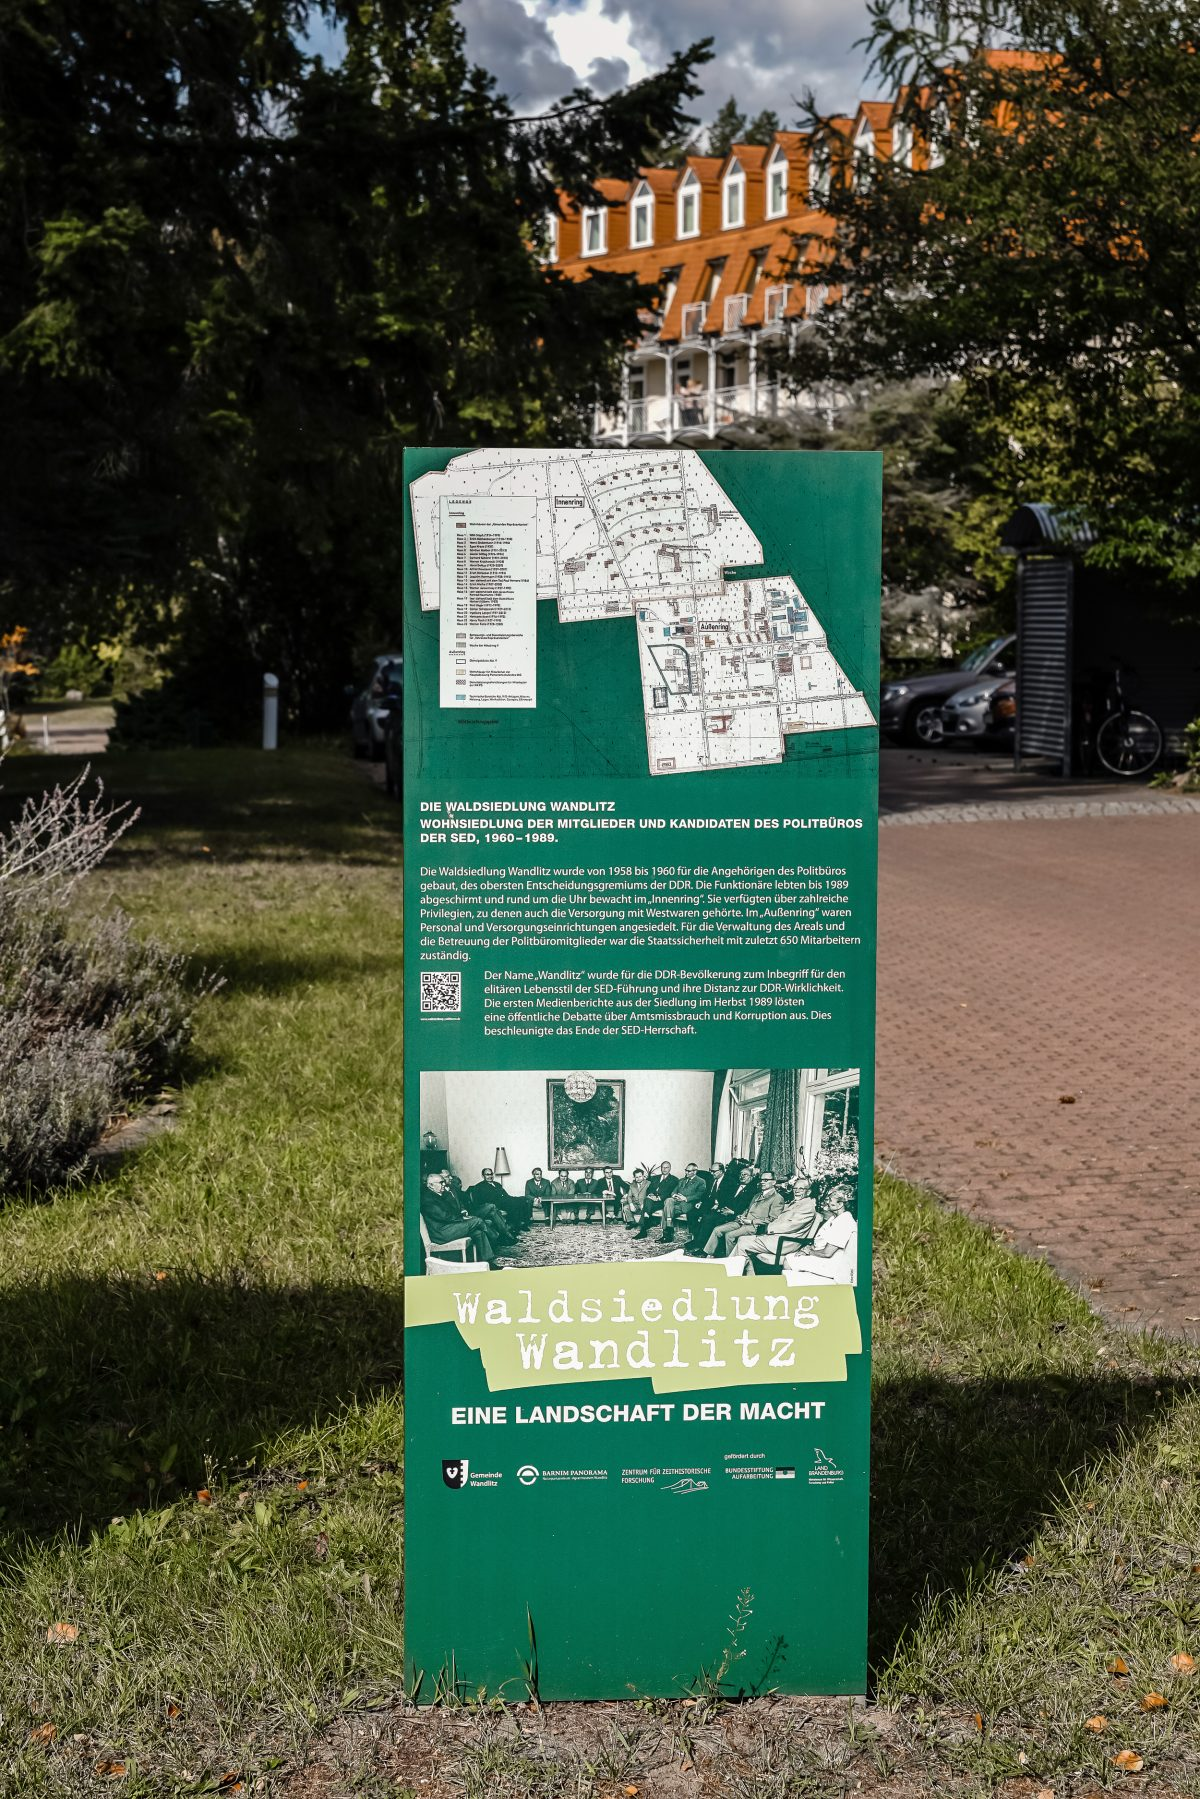 Leitsystem mit QR Code zum Abruf von wichtigen Informationen zur ehemaligen Waldsiedlung Wandlitz, im Naturpark Barnim, Barnimer Land, Brandenburg.